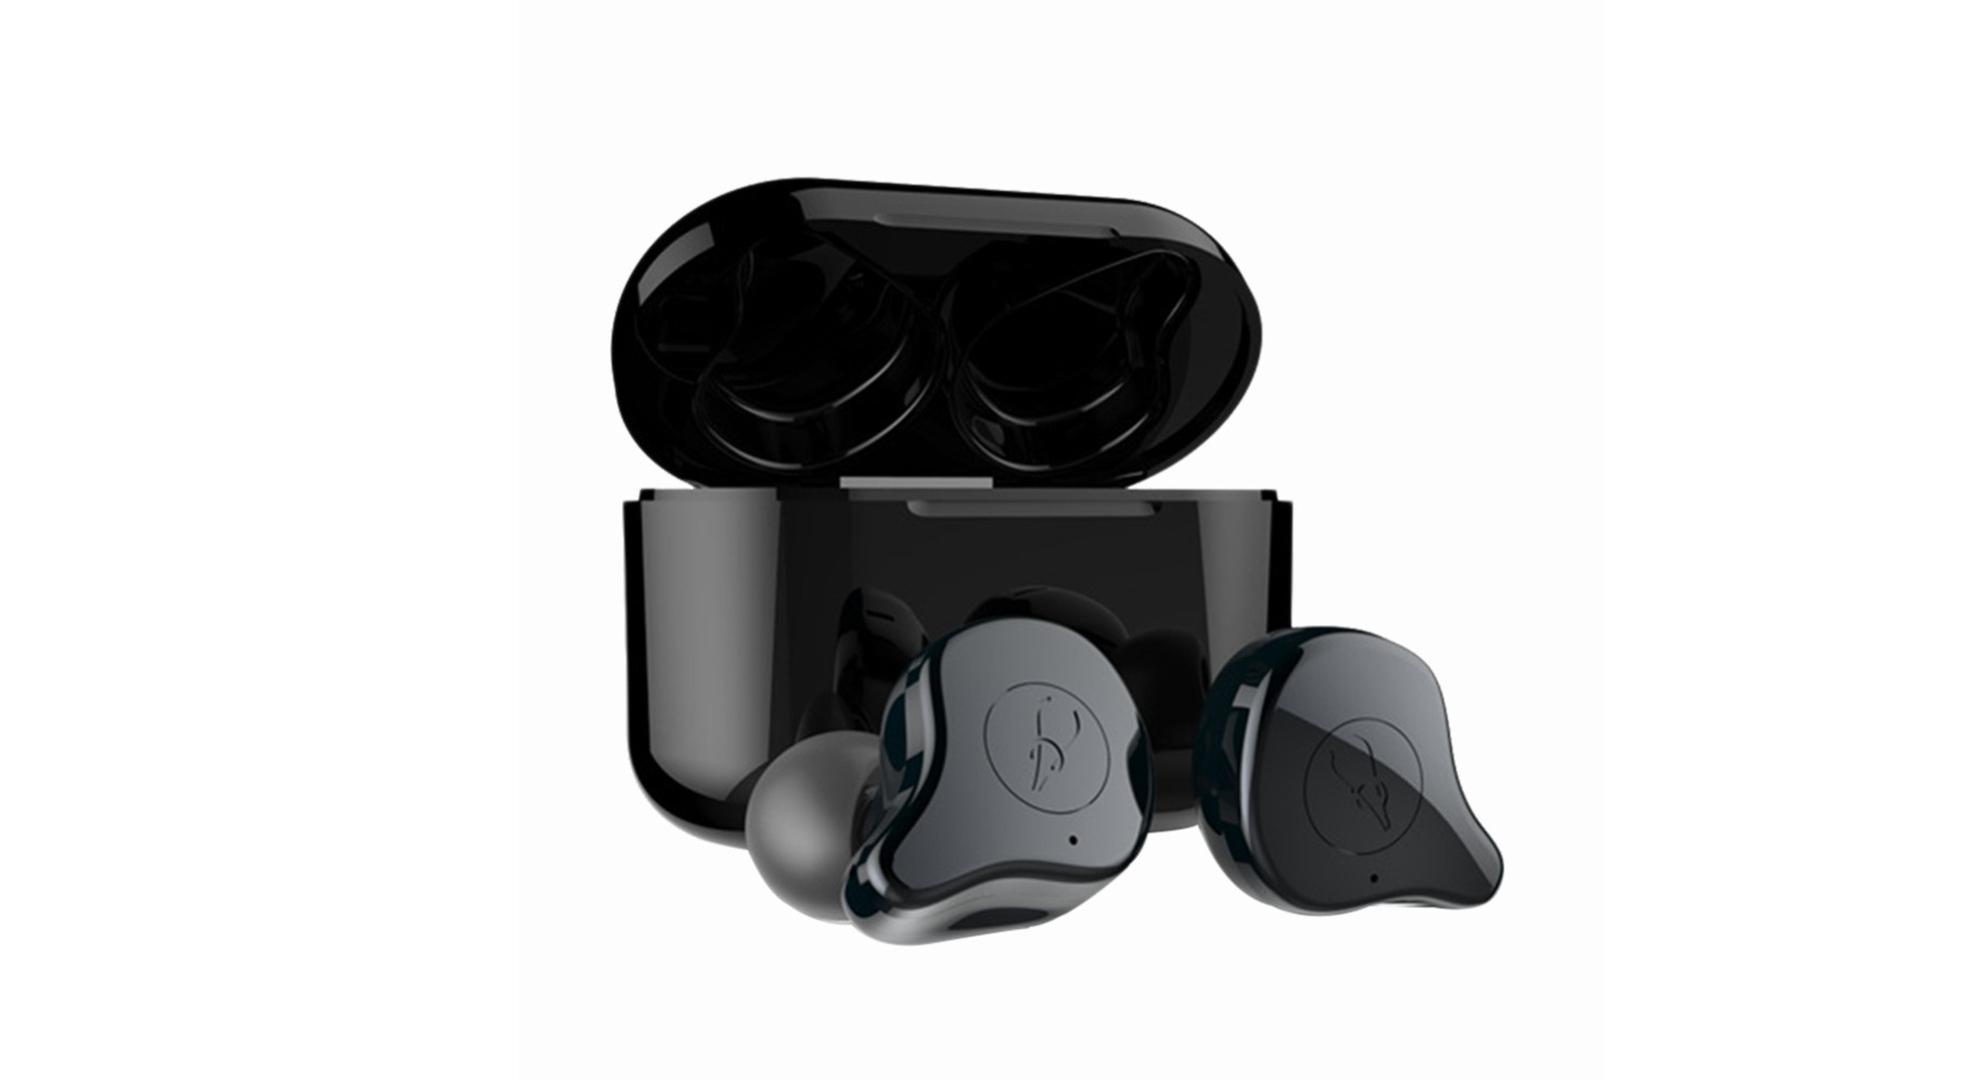 Originální bezdrátová sluchátka Sabbat E12 TWS o 400 Kč levněji! [sponzorovaný článek]